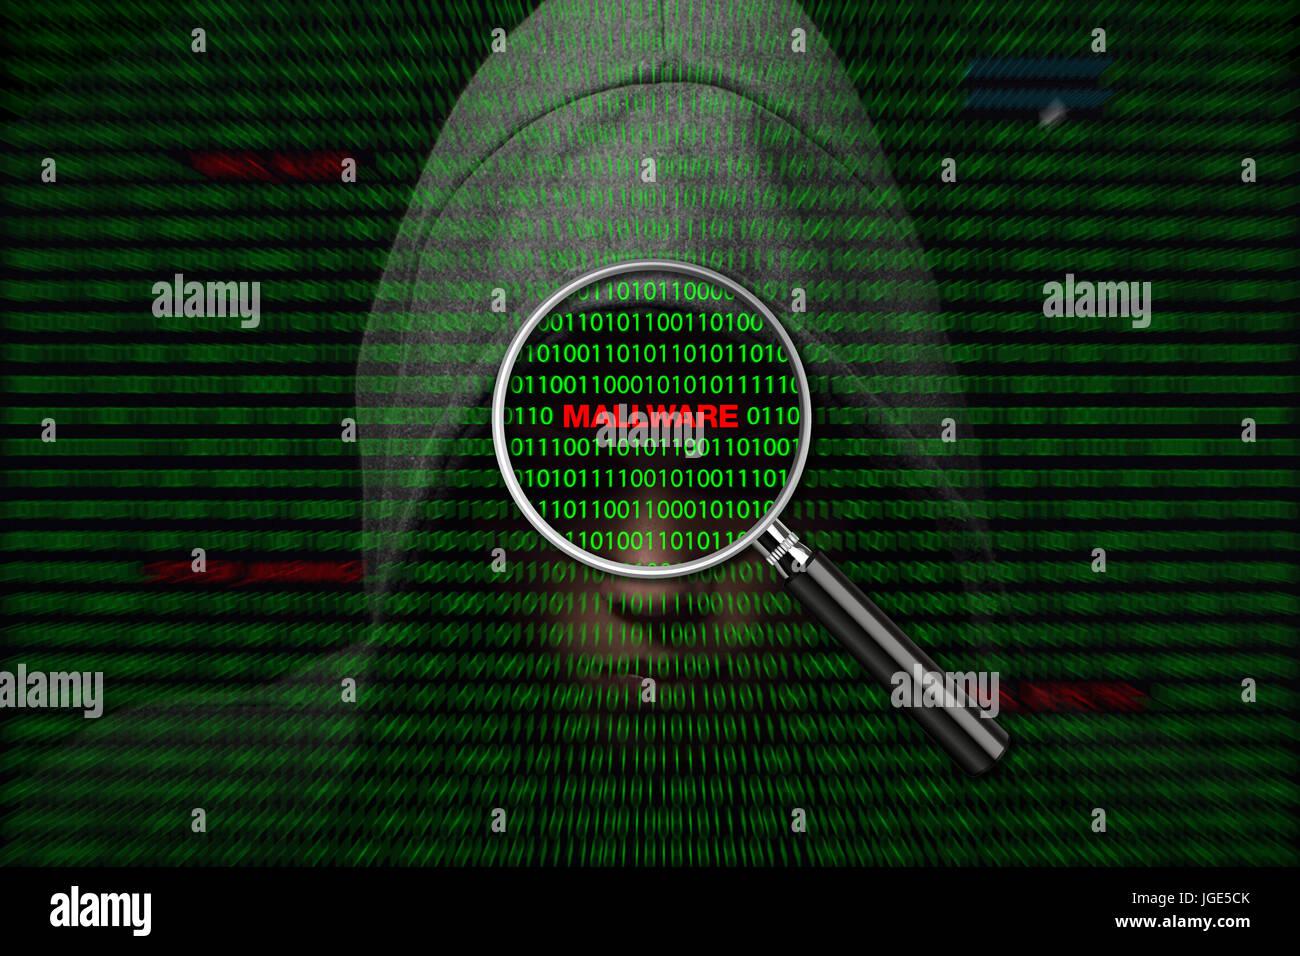 Hacker über einen Bildschirm mit binären Code und mallware Warnmeldungen Stockbild